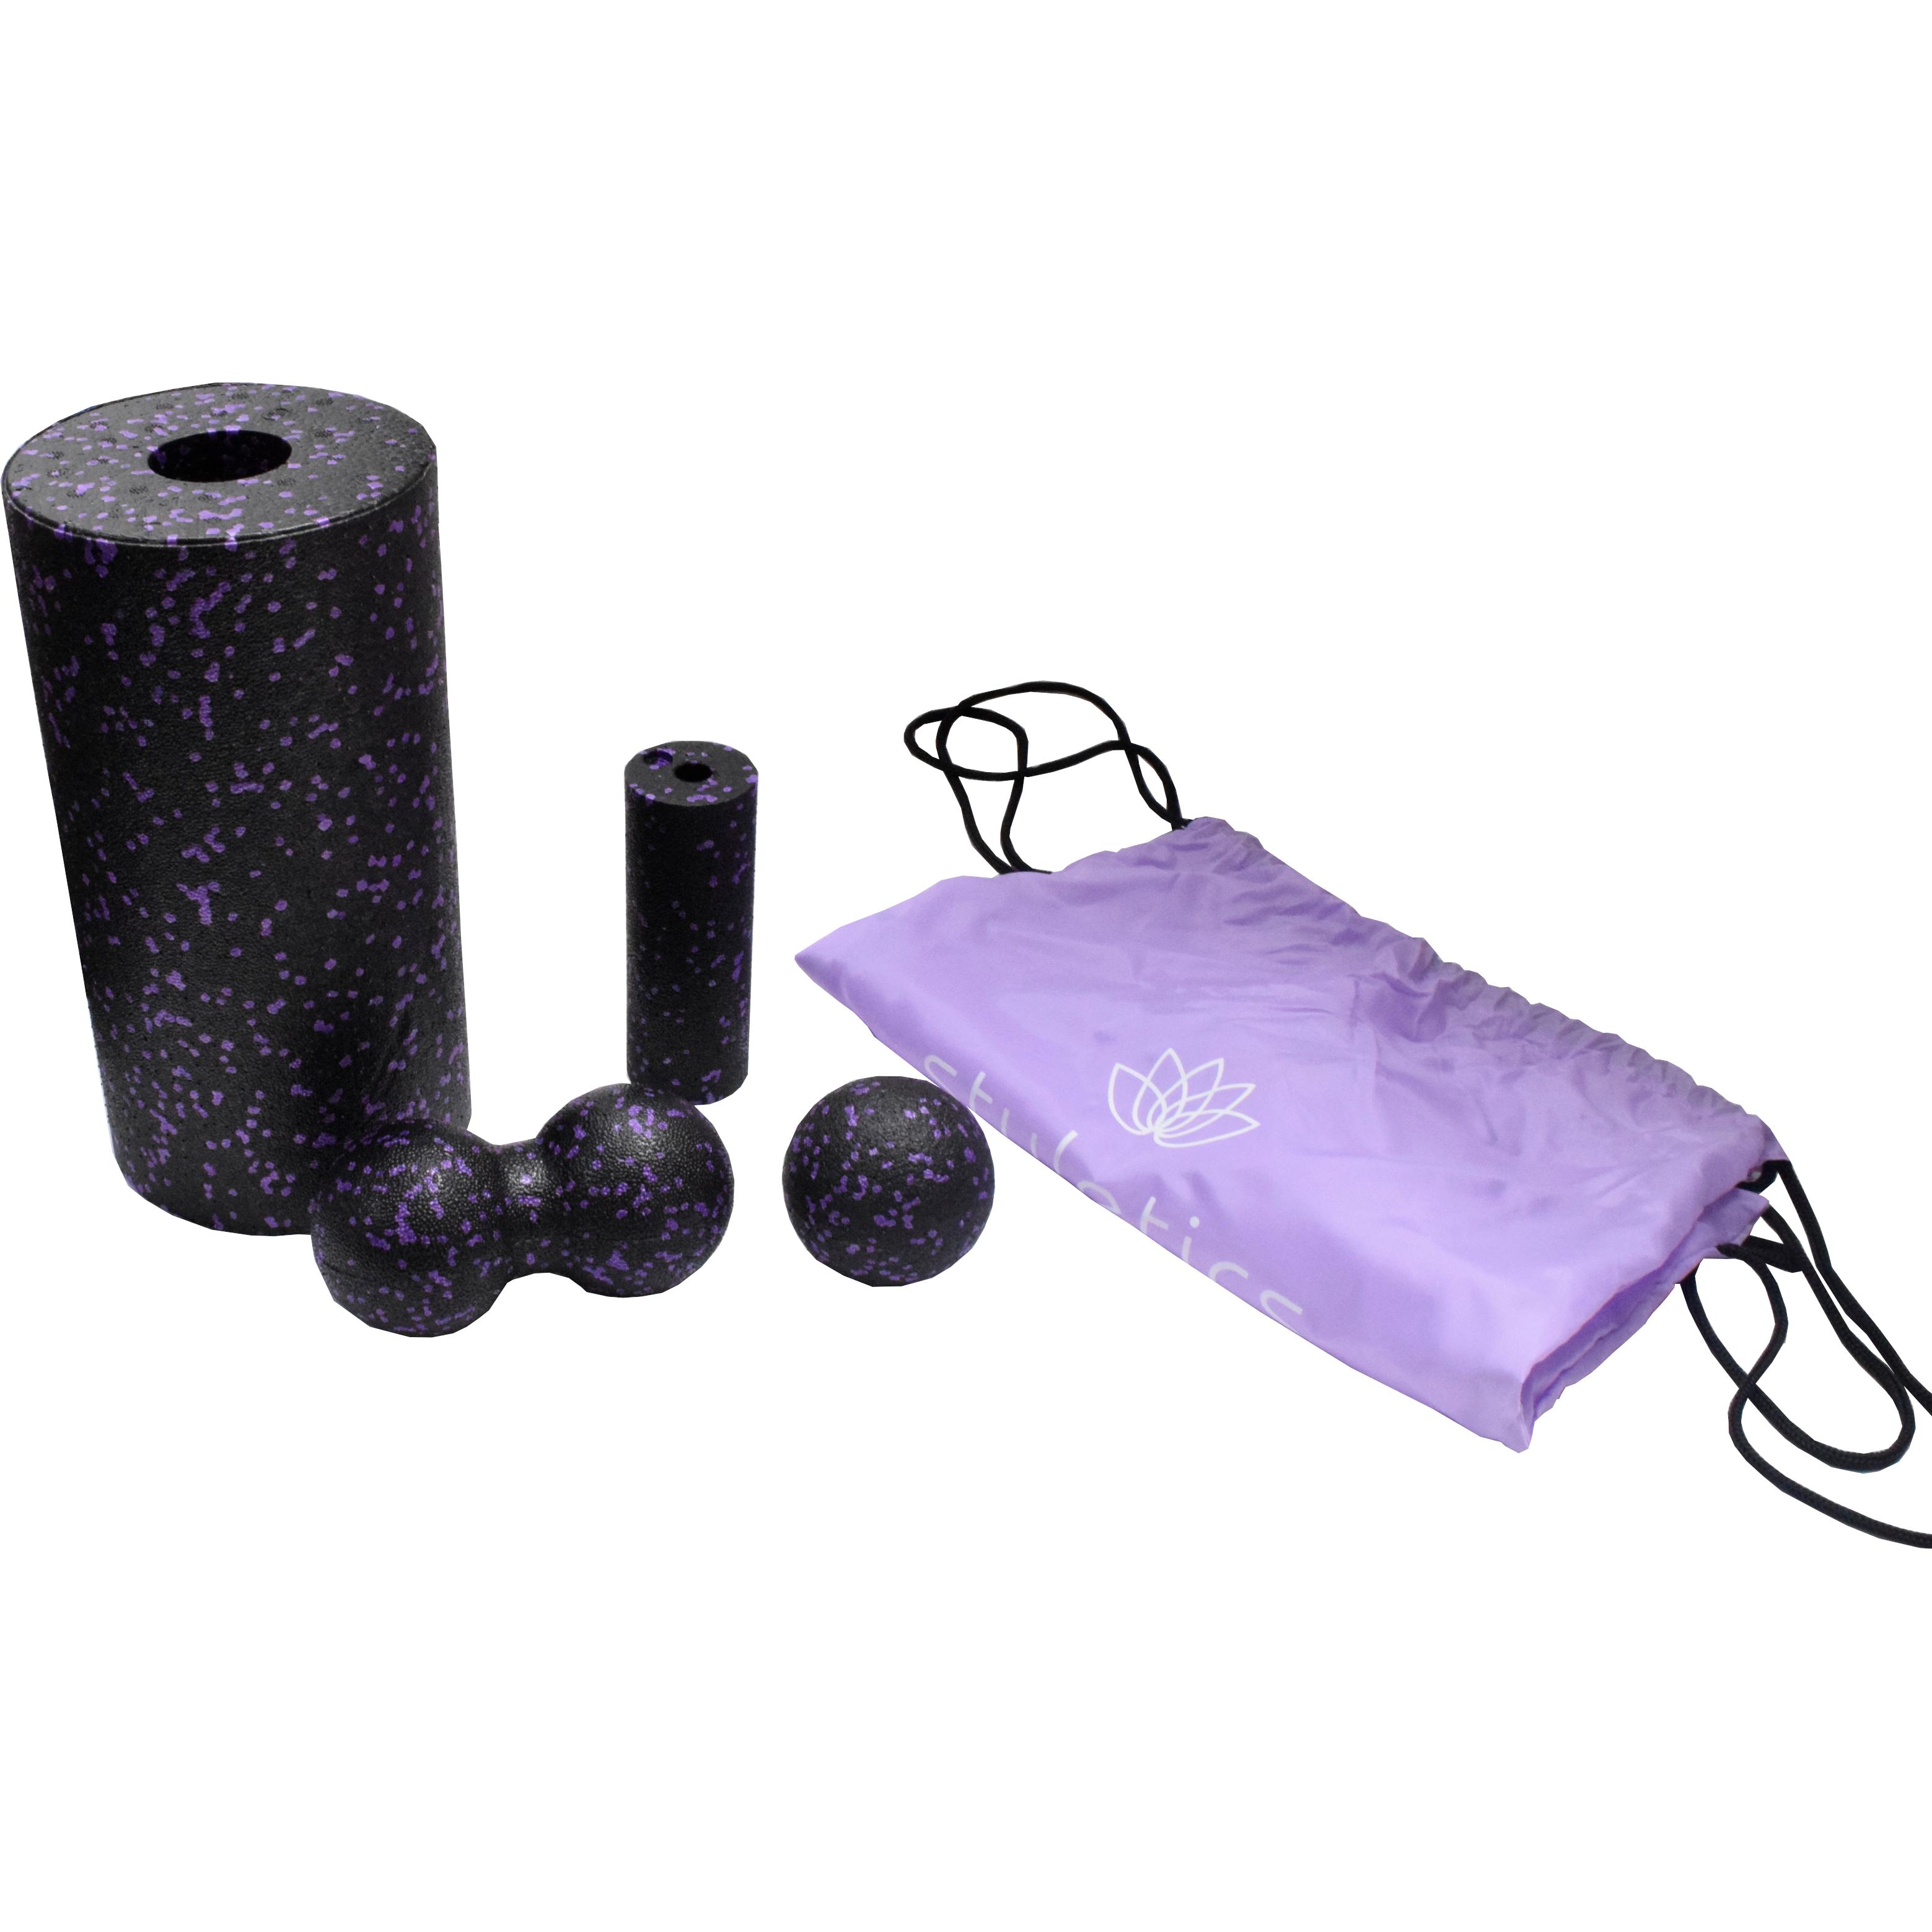 Faszienset-Faszienrolle-Faszienkugel-Massagerolle-Yoga-Physio-Muskelentspannung Indexbild 14